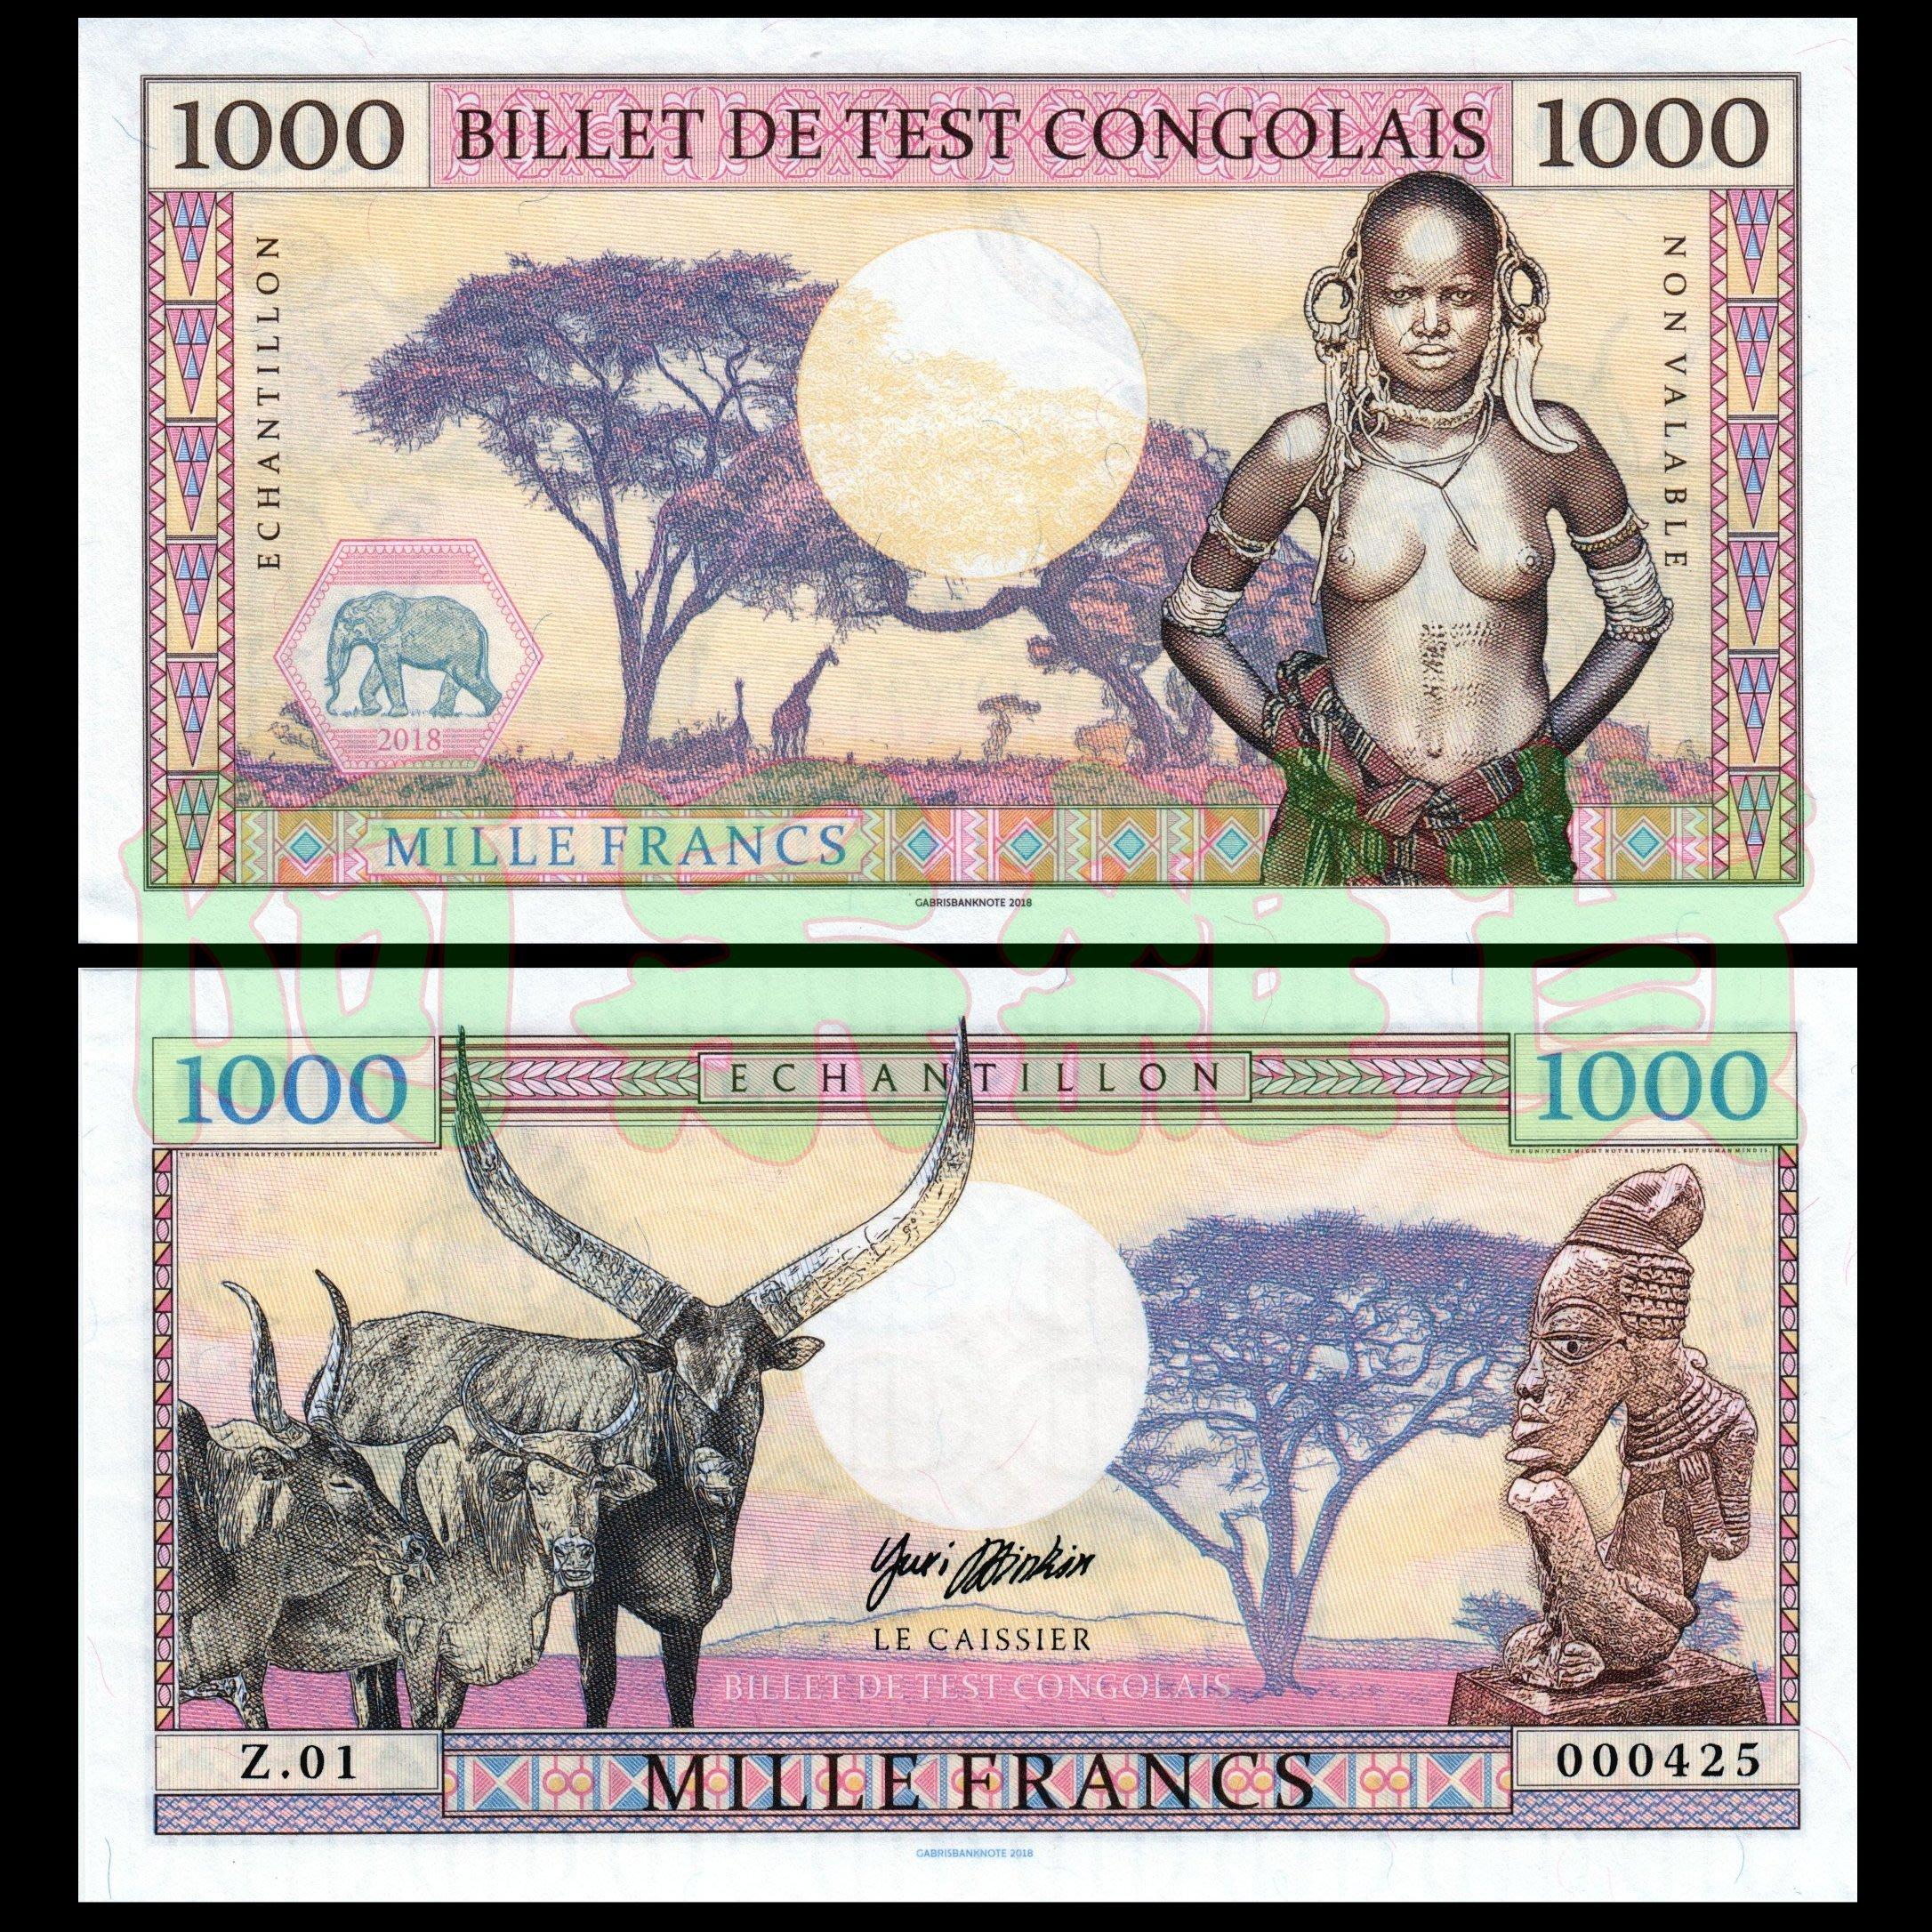 森羅本舖 現貨實拍 剛果 1000法郎 測試鈔 滿版水印 裸女 2018年 鈔票 全新 大象 長頸鹿 收藏 真鈔 非洲